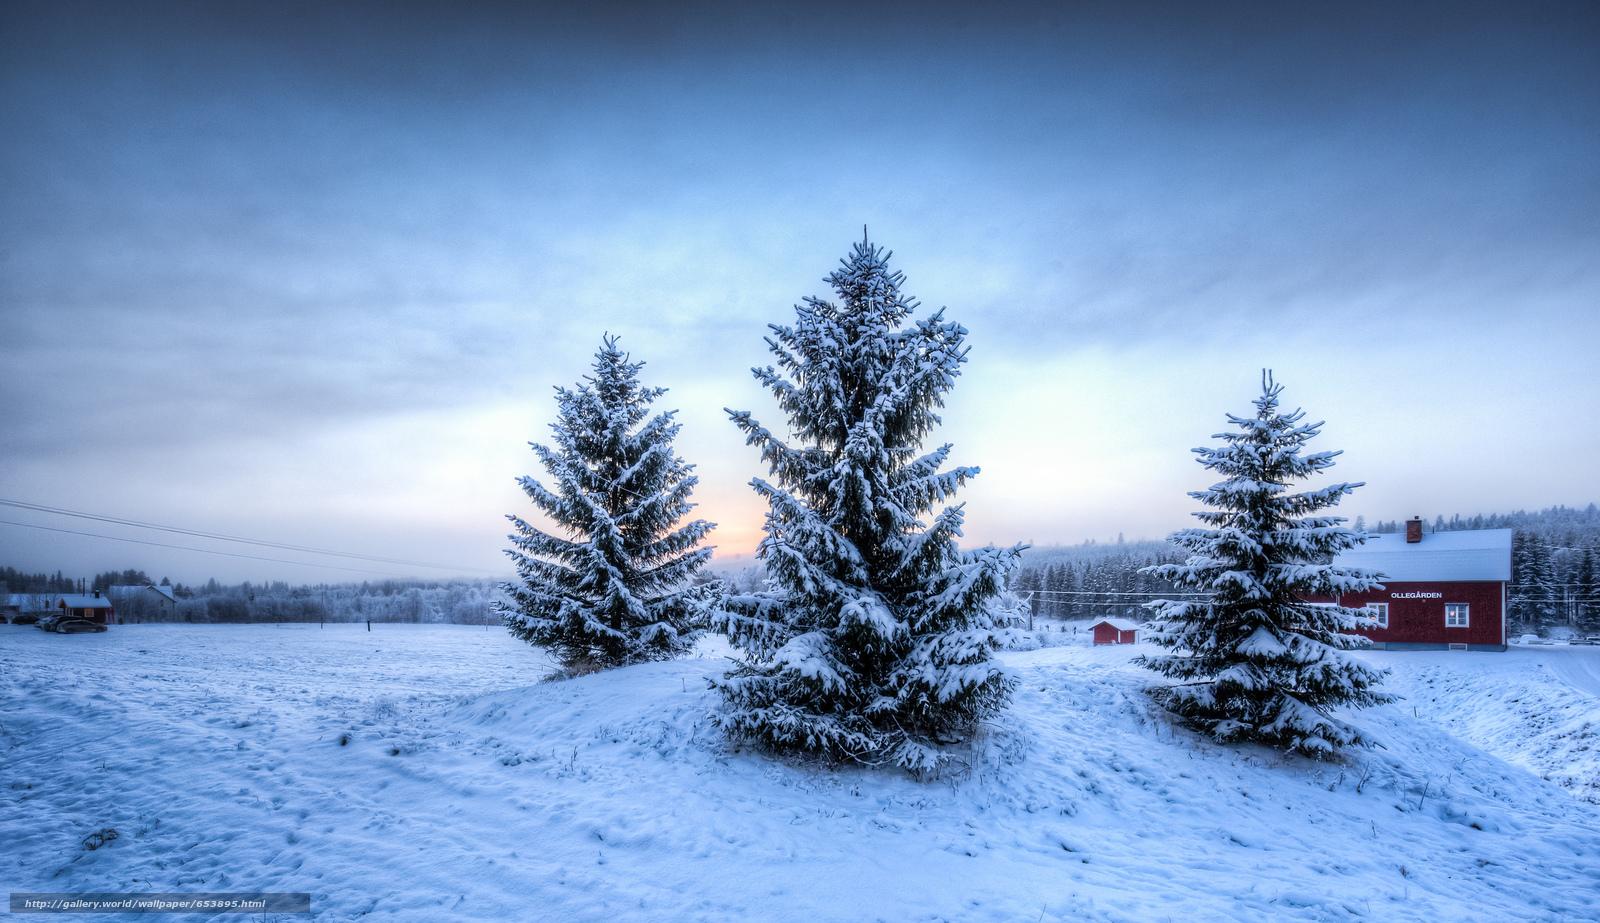 Скачать обои зима,  деревья,  домик,  пейзаж бесплатно для рабочего стола в разрешении 2048x1182 — картинка №653895